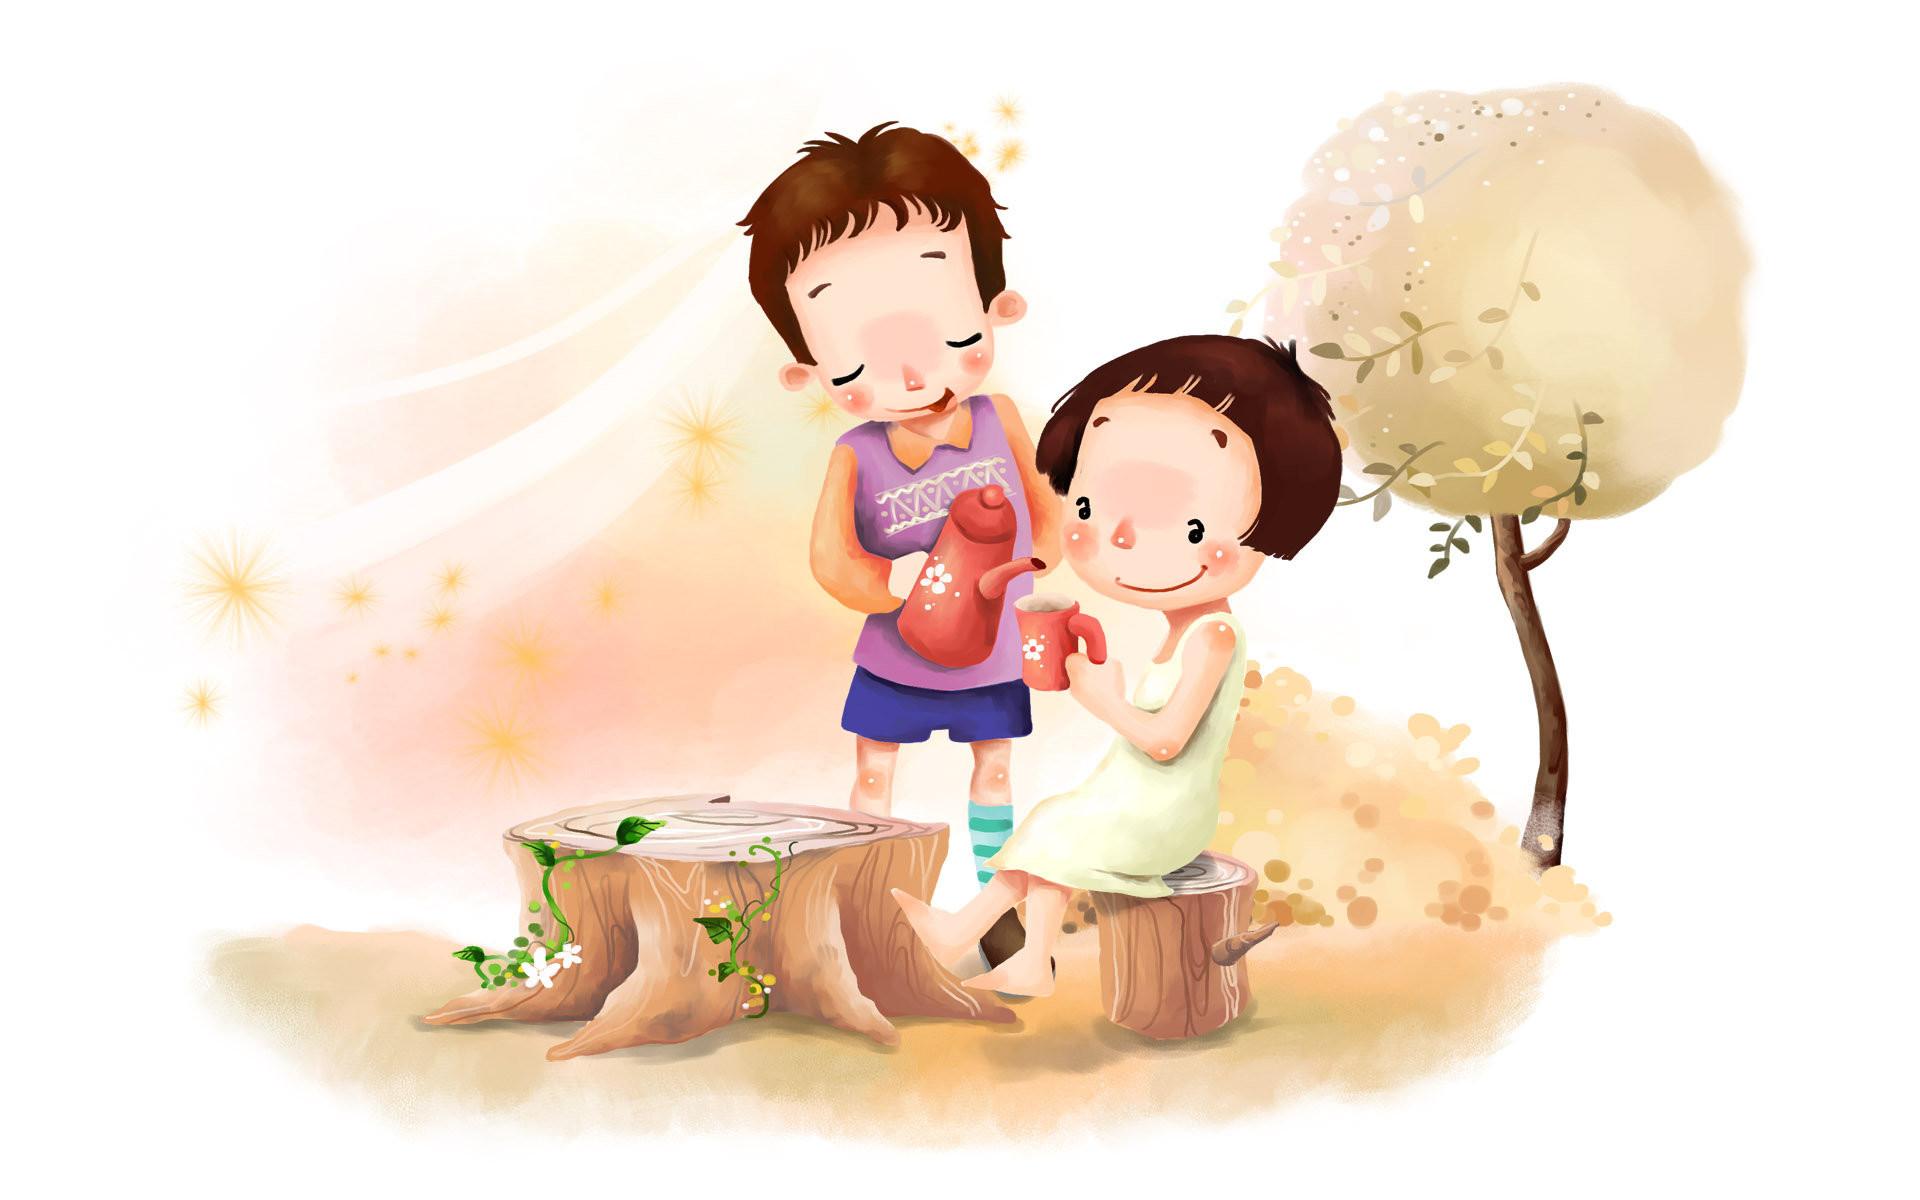 Cute Cartoon Wallpaper   ImageBank.biz